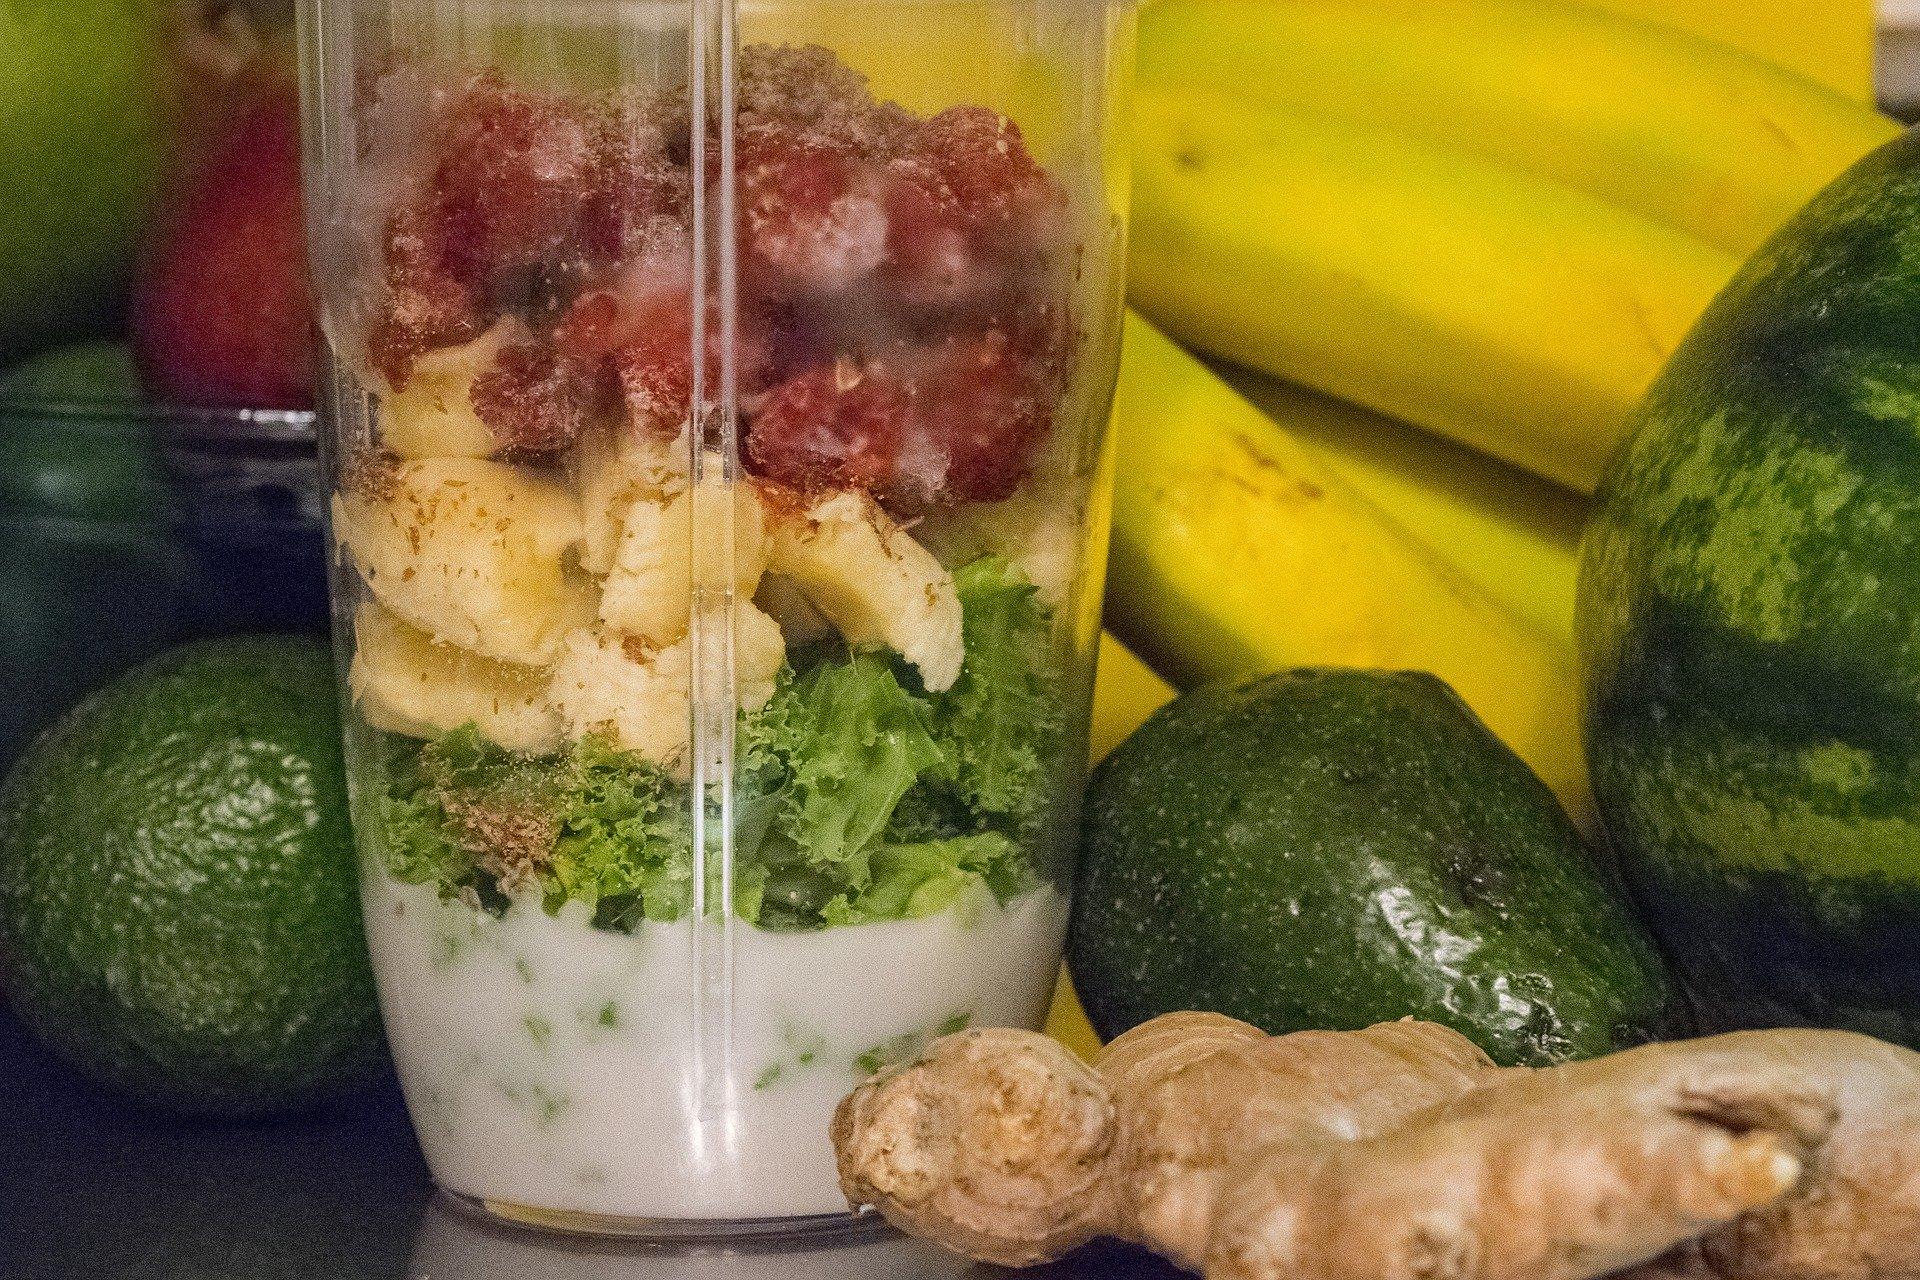 mănâncă ceea ce vrei încă pierzi în greutate cel mai bun supliment pentru a ajuta la pierderea în greutate rapid